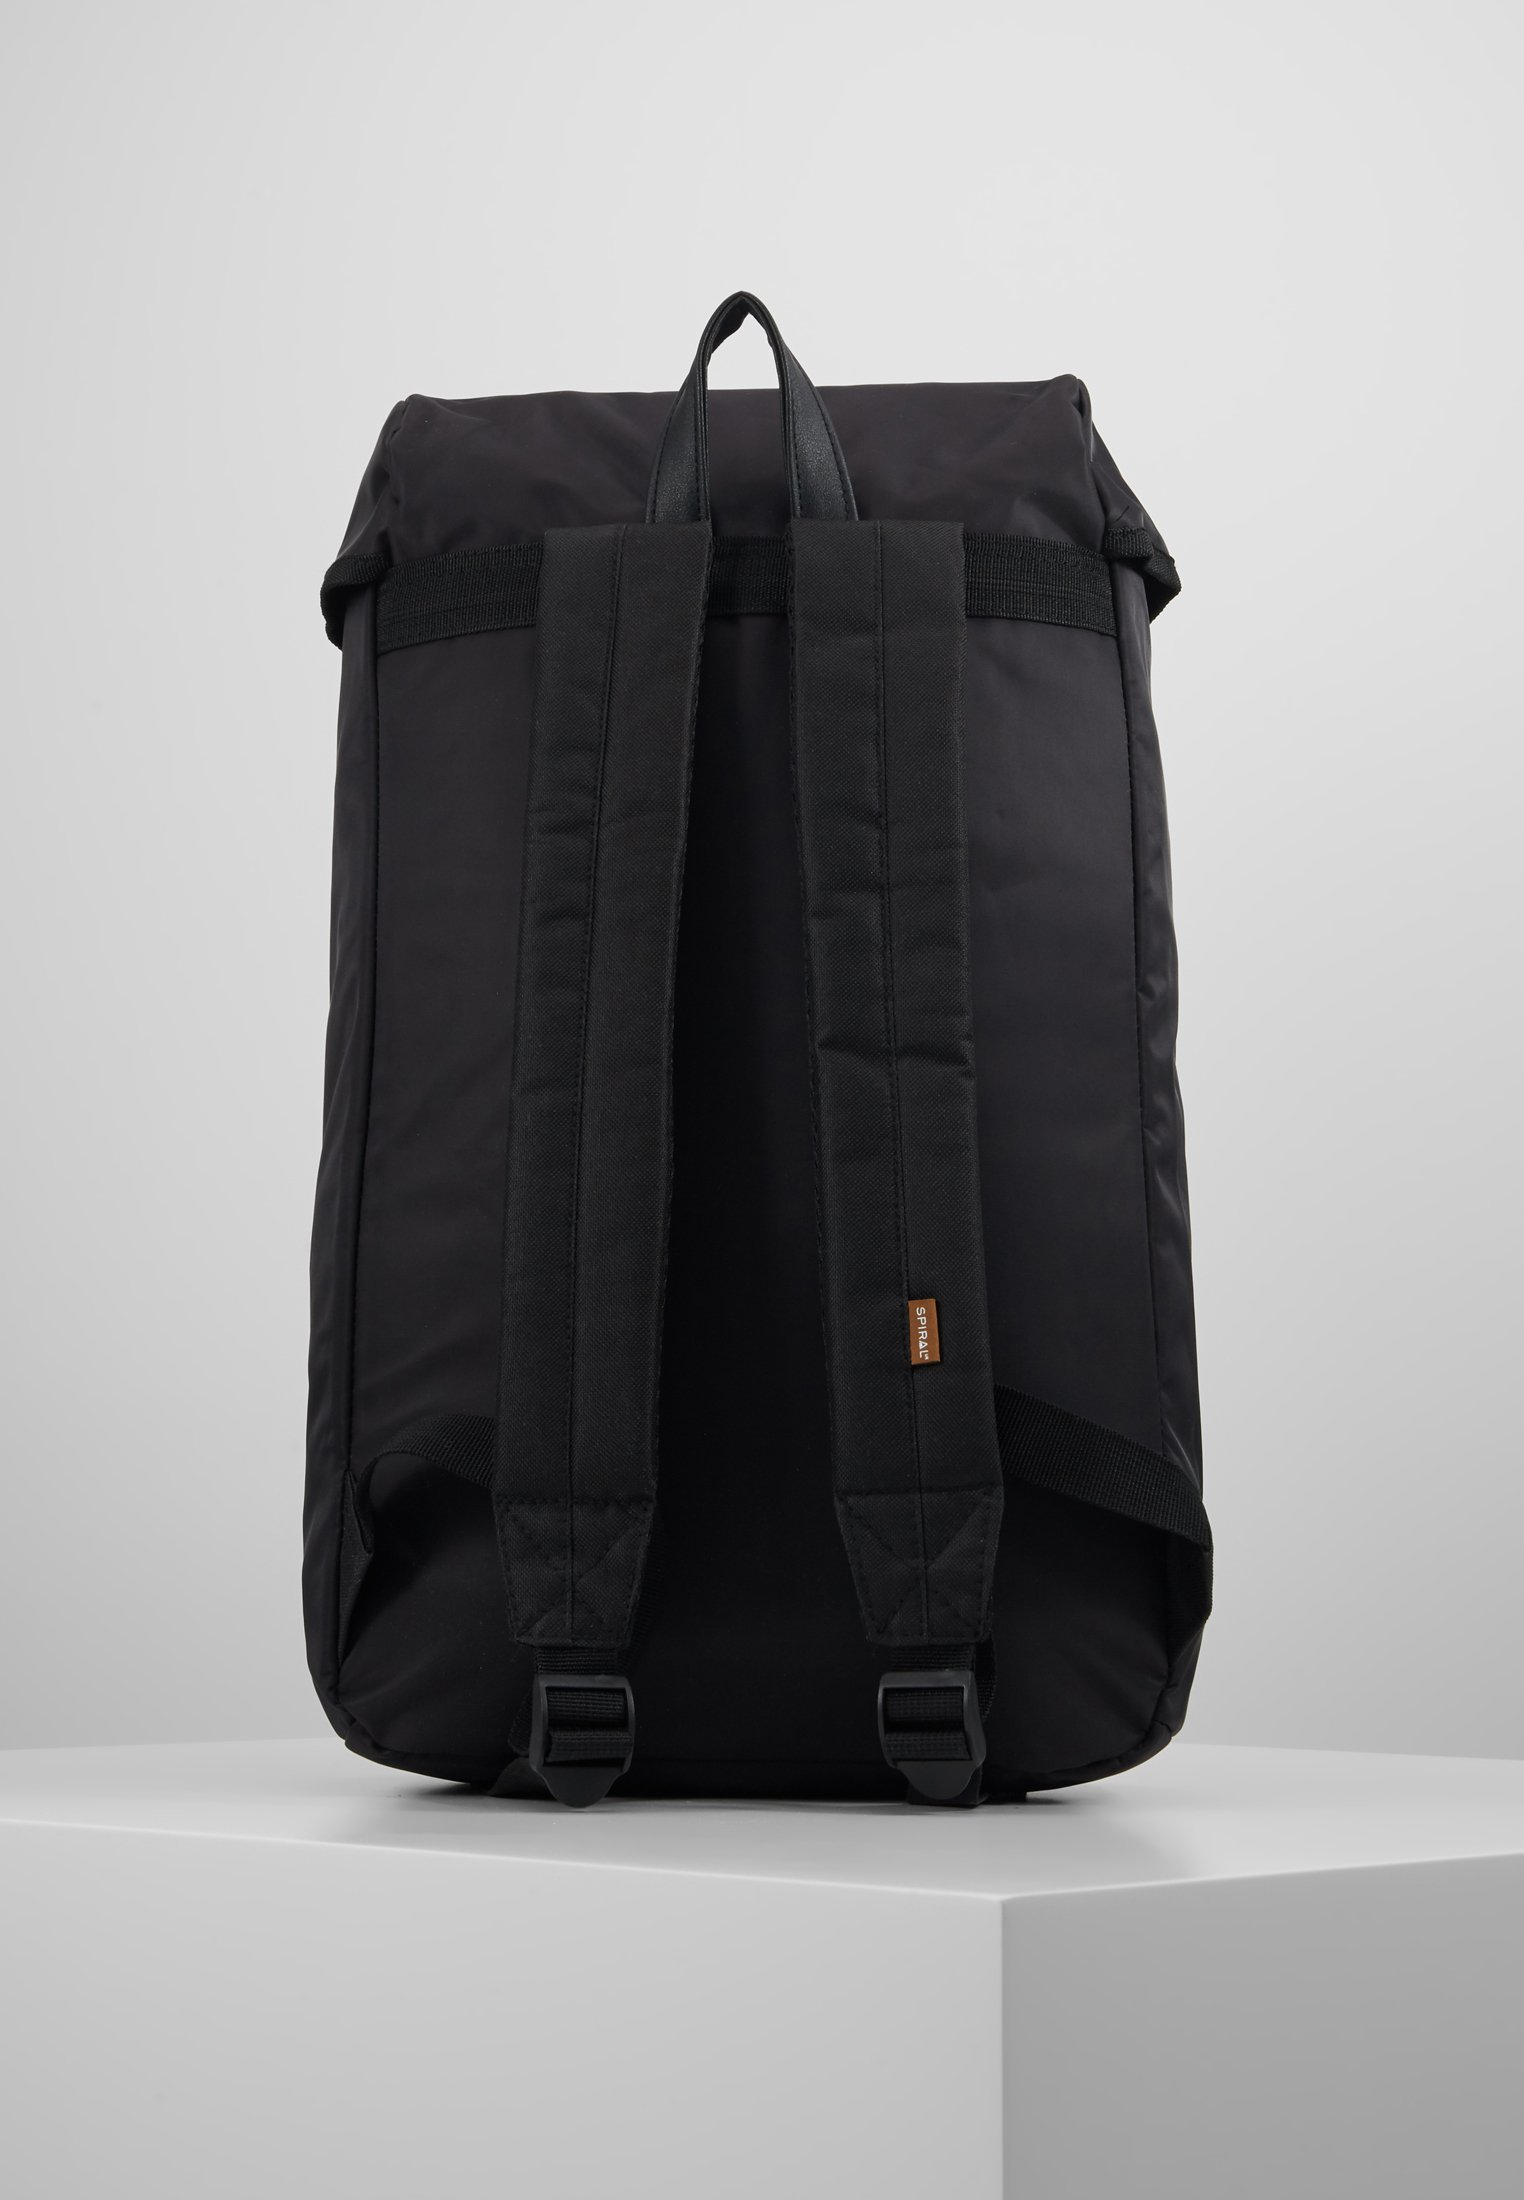 Spiral Bags ACADEMY - Tagesrucksack - black/schwarz - Herrentaschen 7IFXr